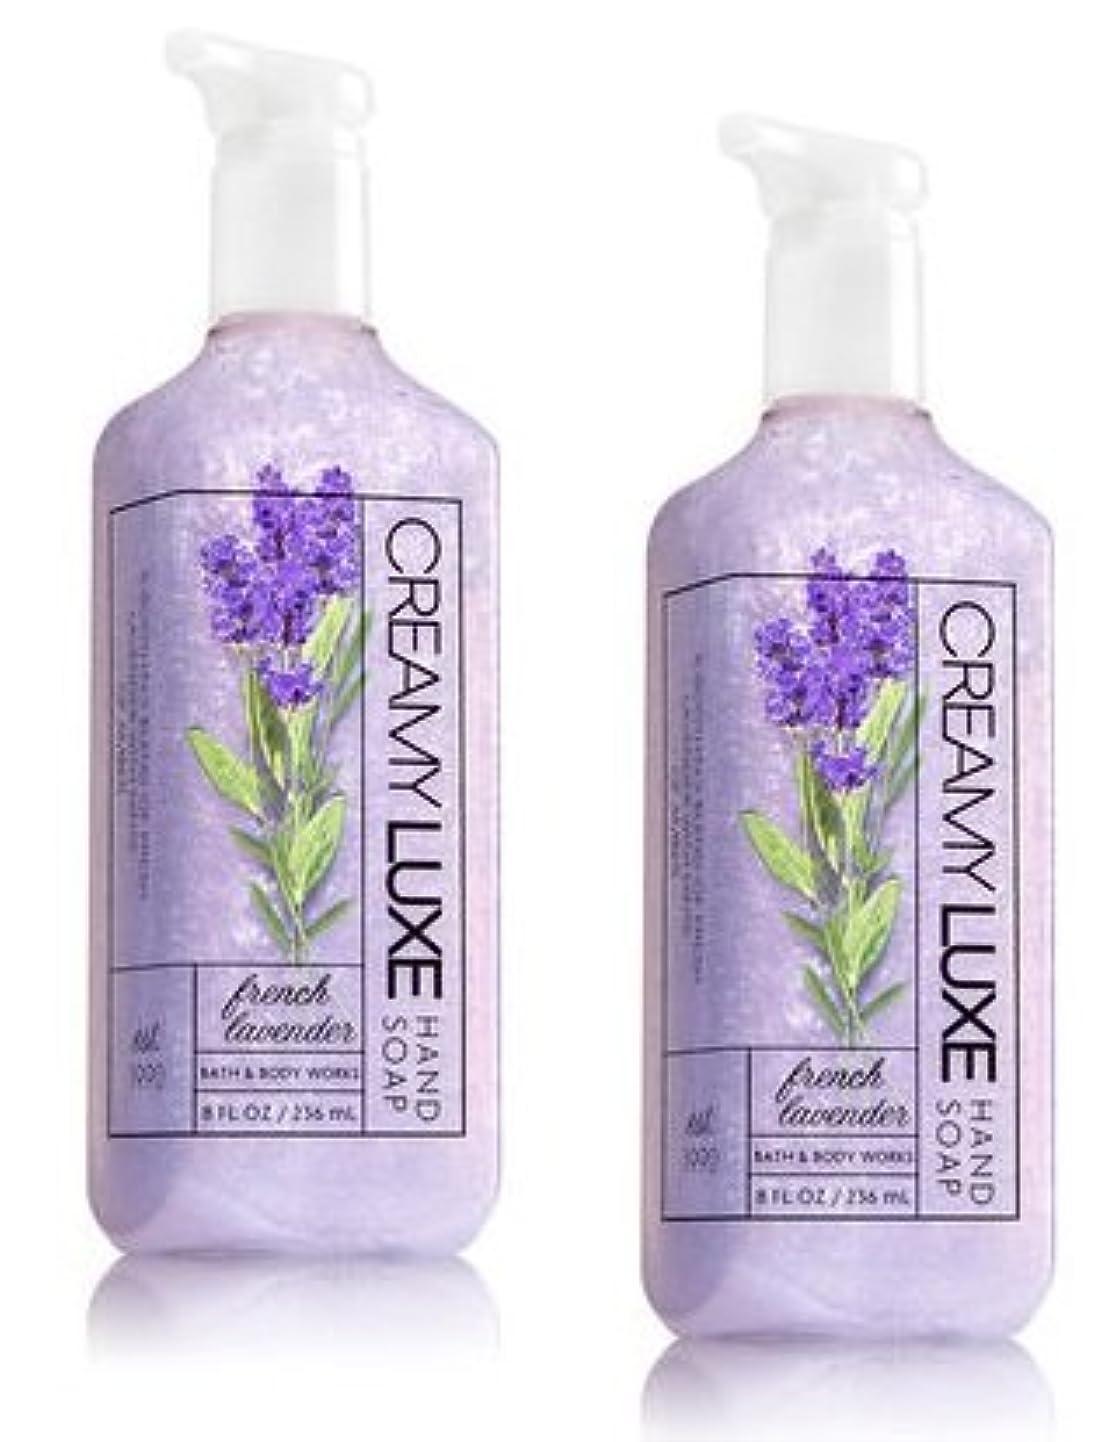 エンゲージメントピュー限定Bath & Body Works フレンチラベンダー クリーミー リュクス ハンドソープ 2本セット French Lavender Creamy Luxe Hand Soap. 8 oz [並行輸入品]